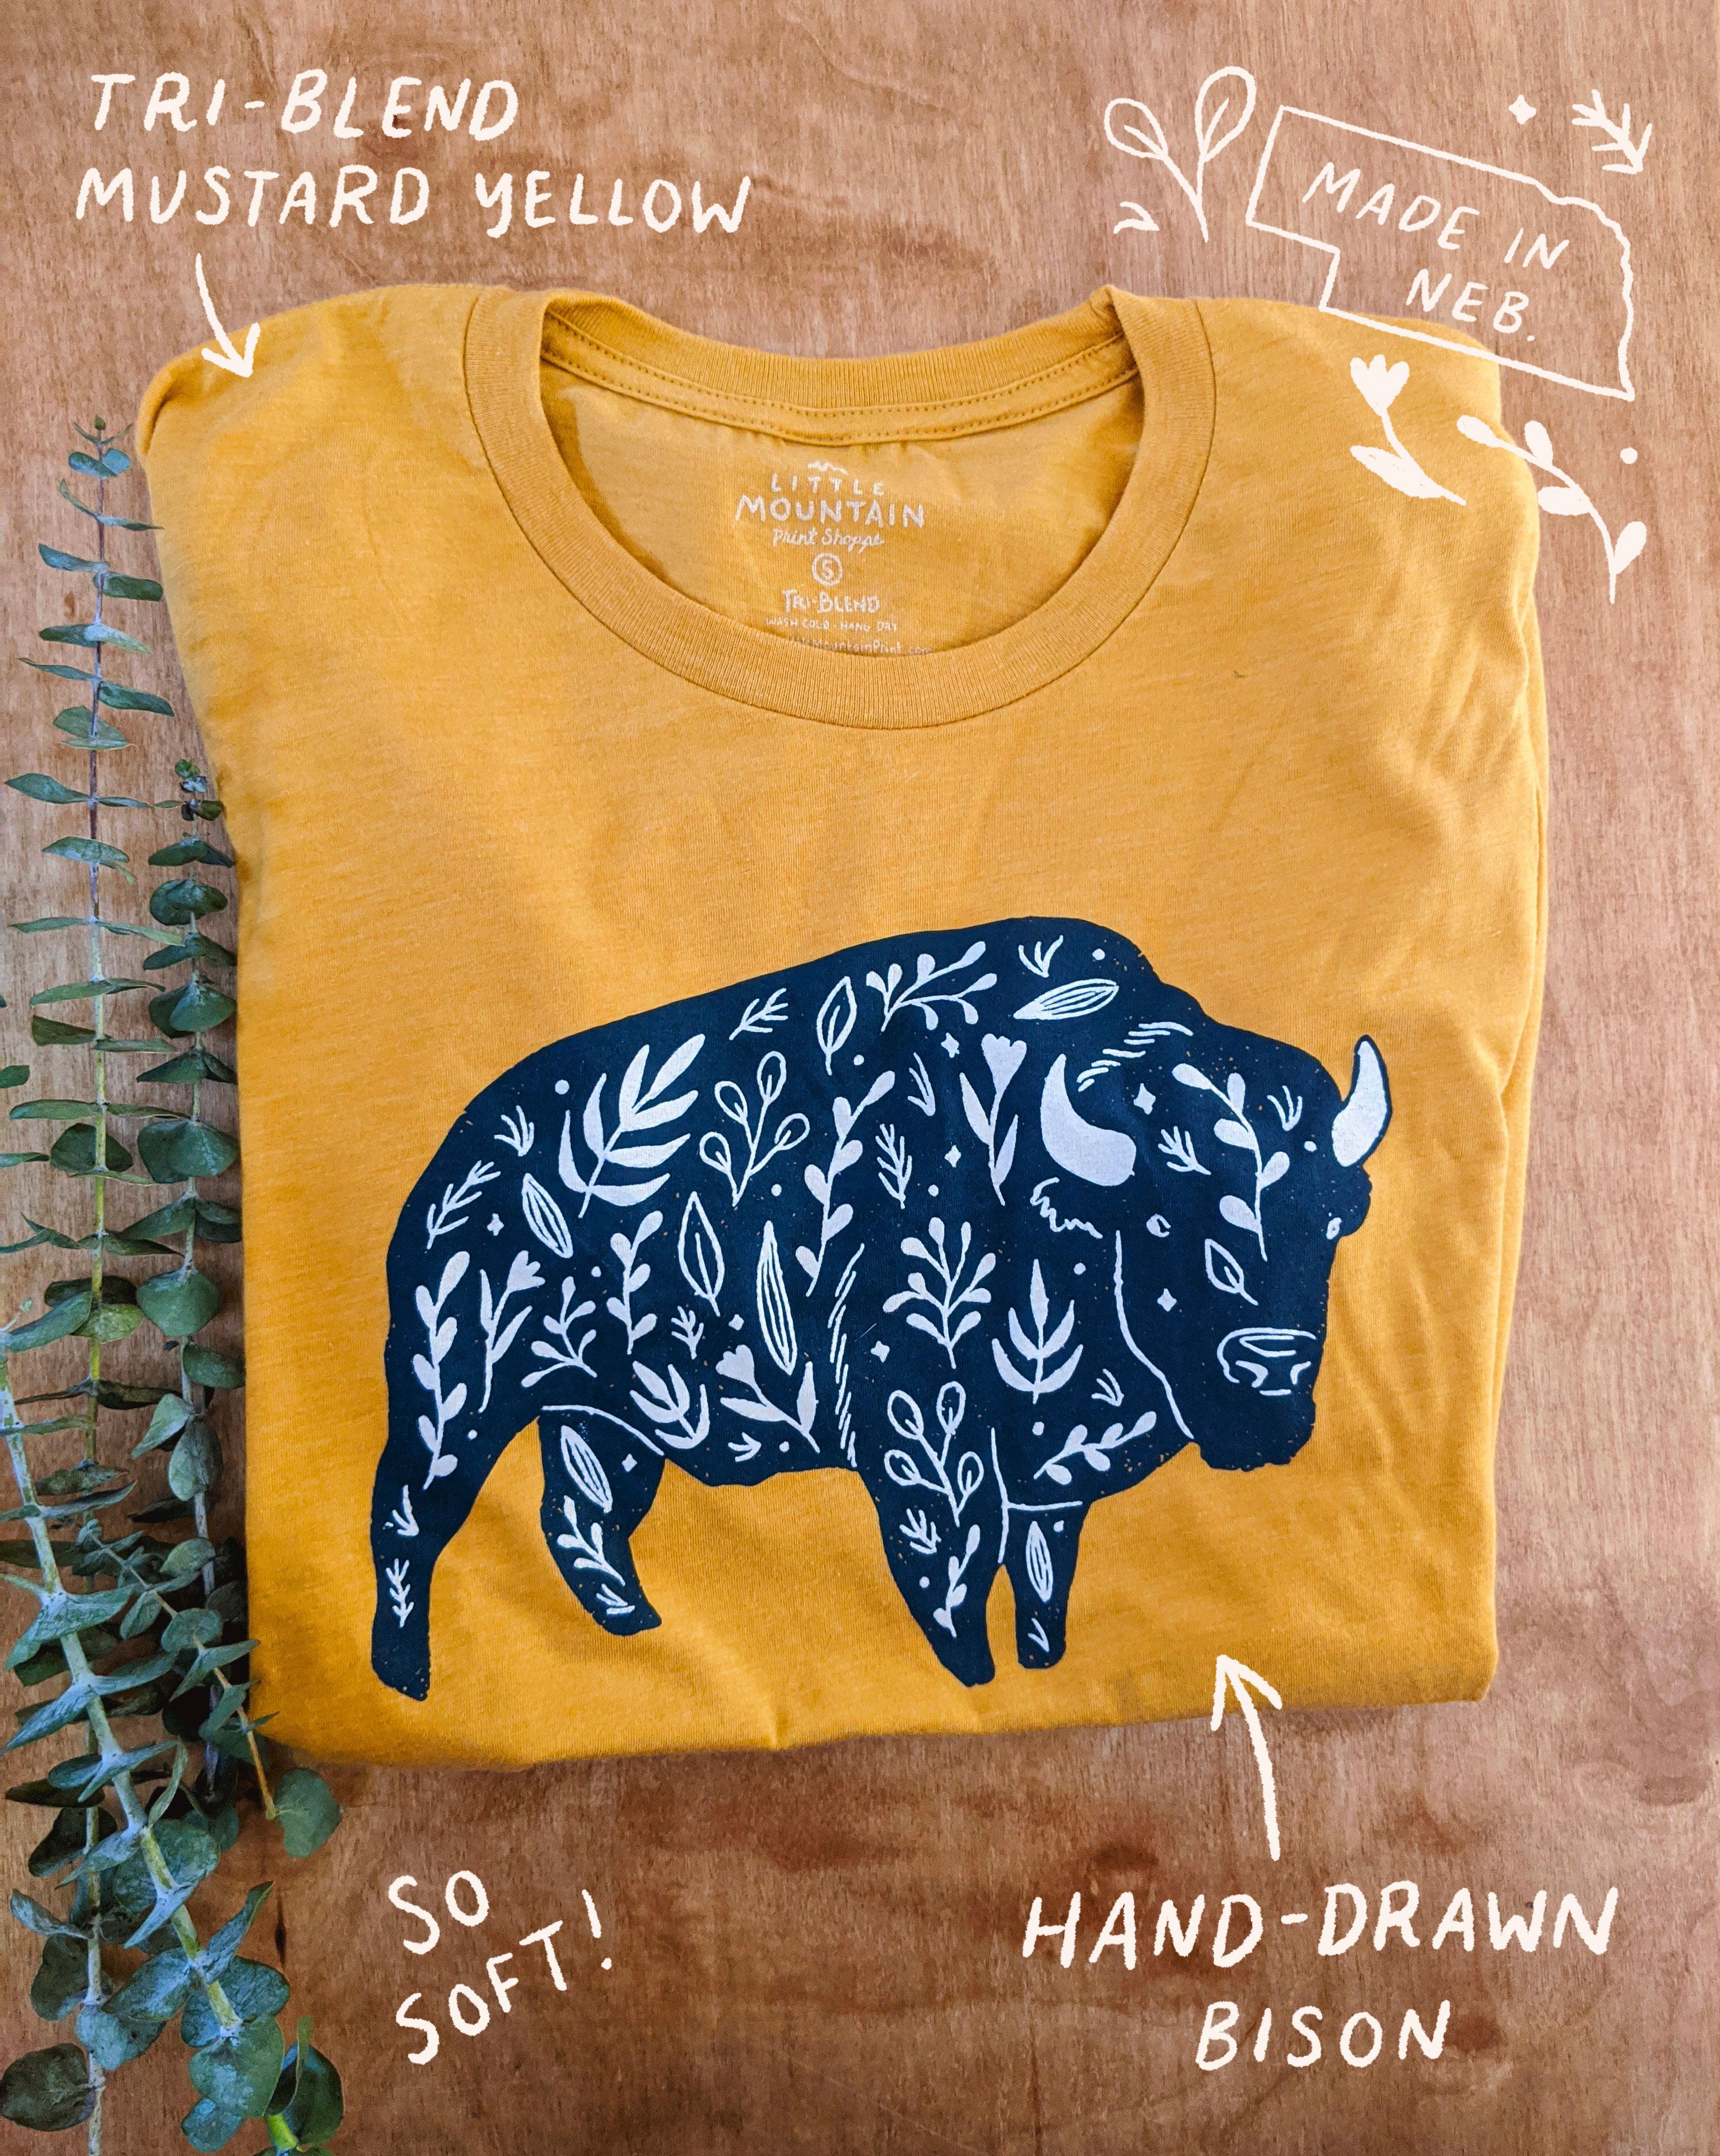 Bison short-sleeved t-shirt